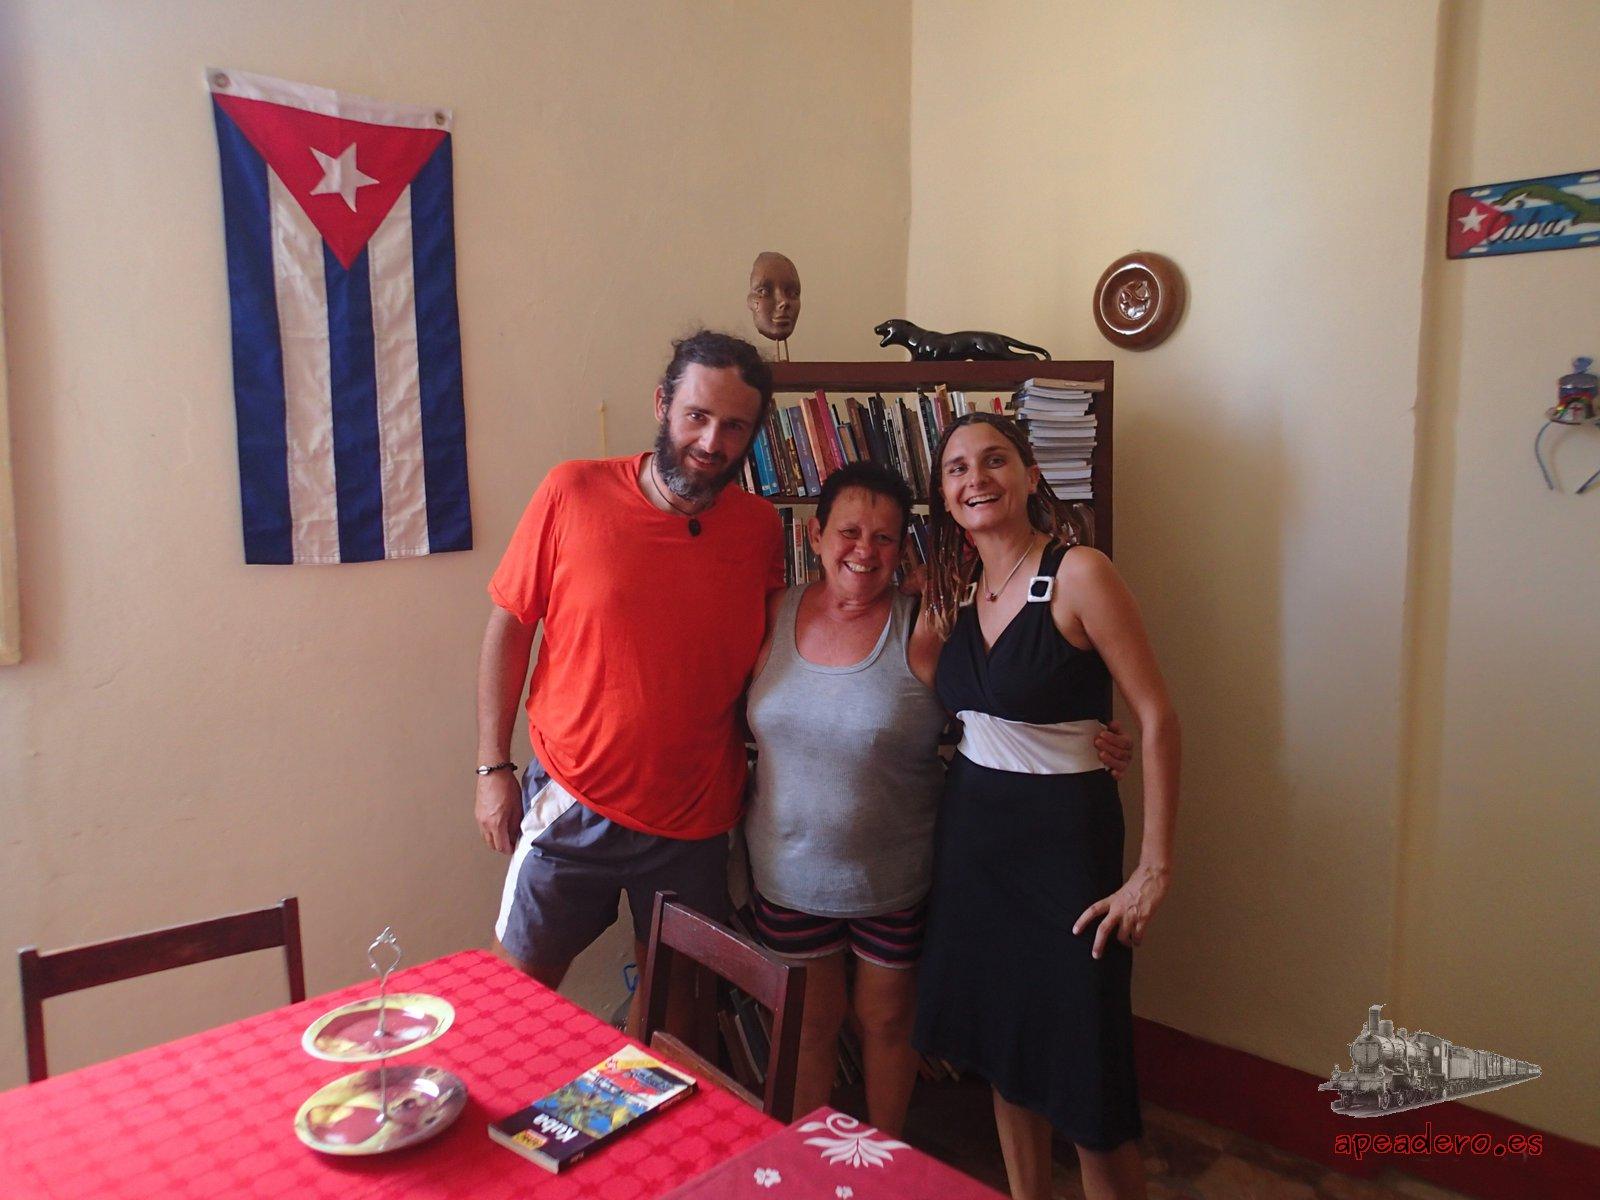 Red de alojamiento seguro y económico en Cuba ($15)